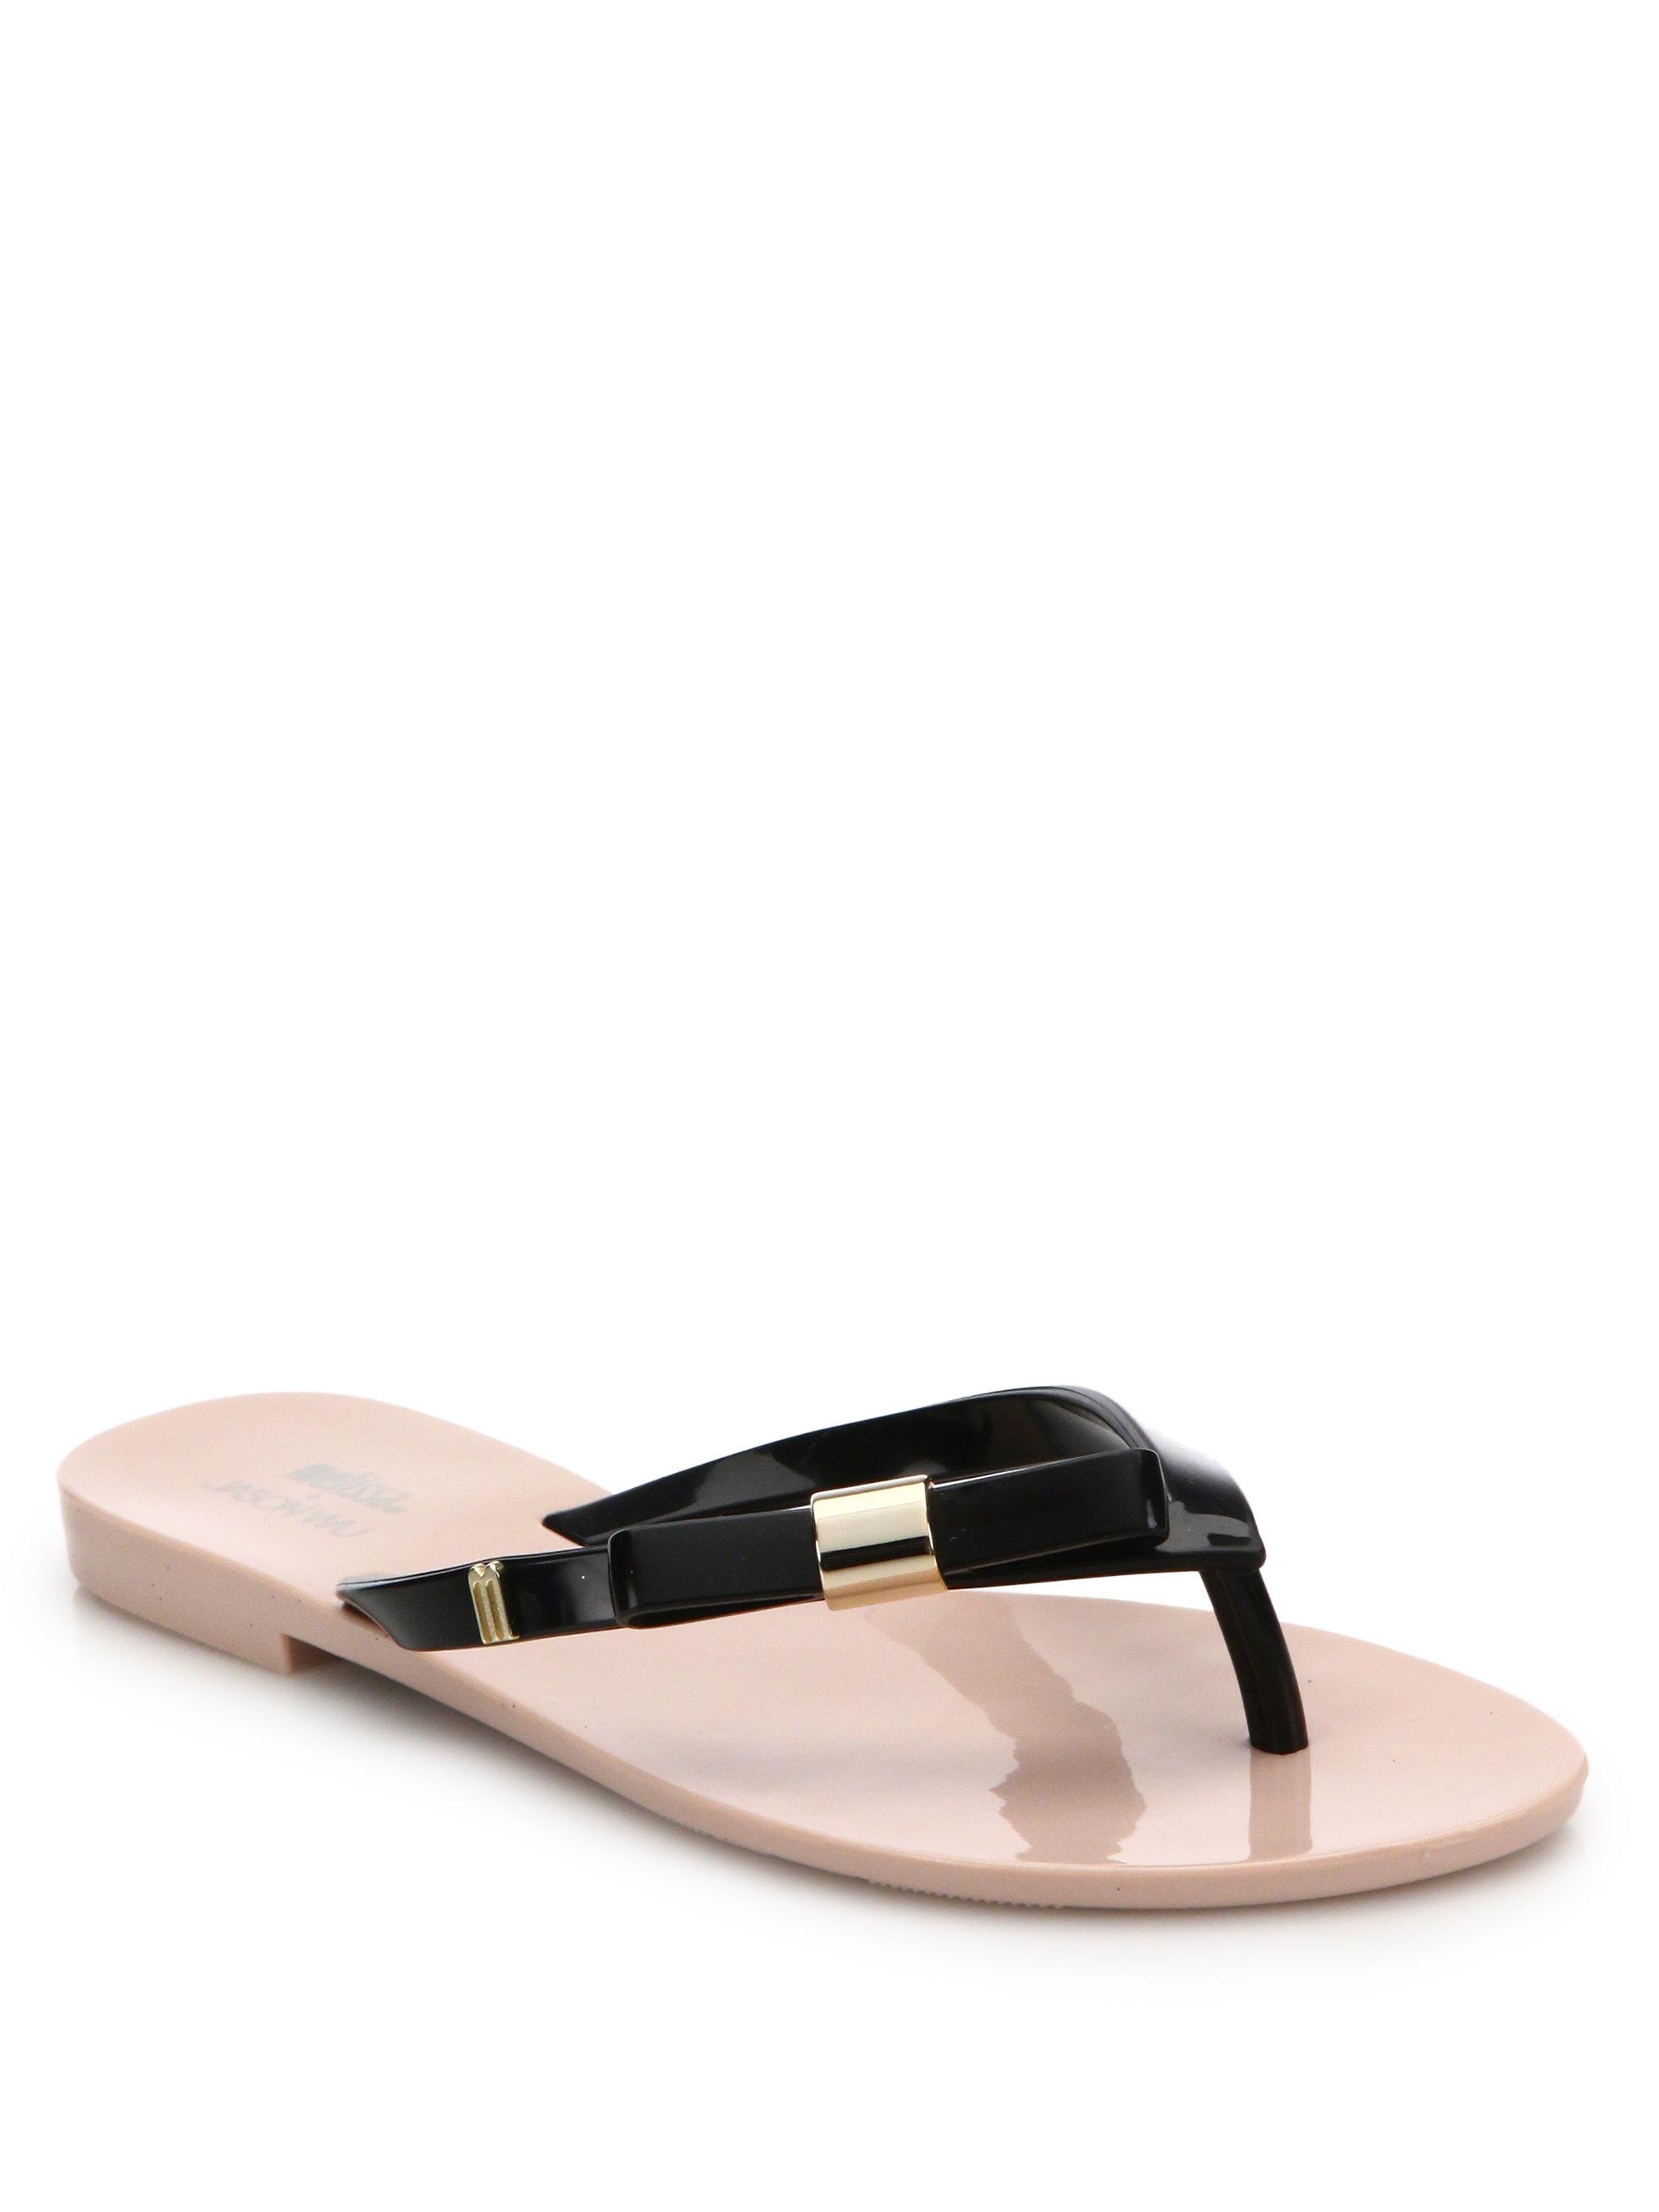 38237376370d8 Lyst - Melissa By Jason Wu Harmonic Bow Flip Flops in Pink